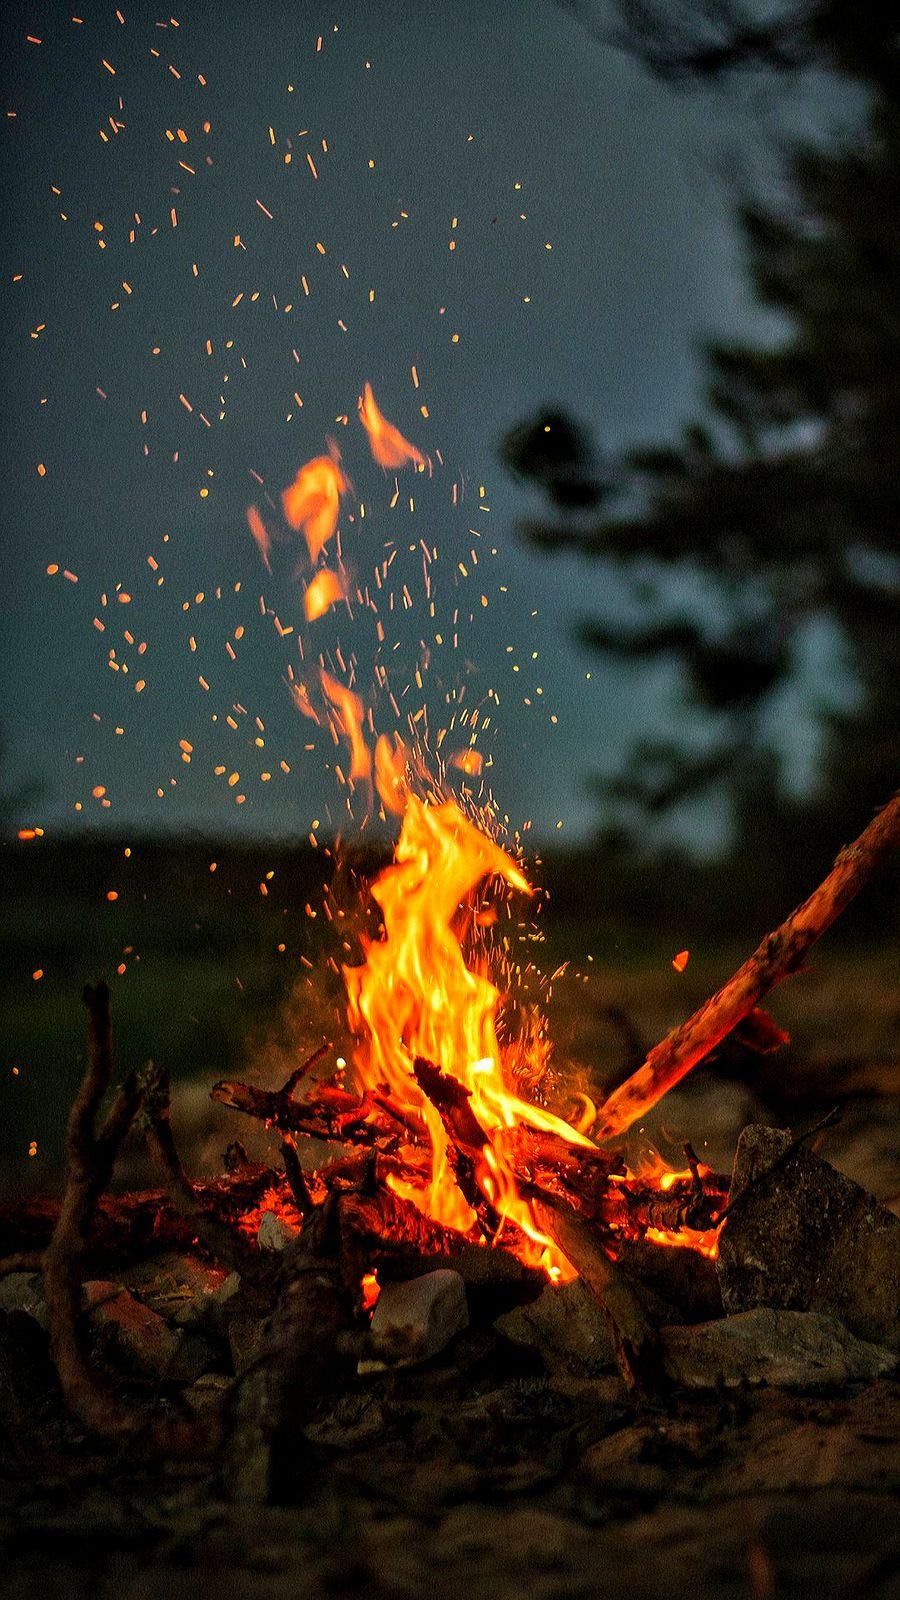 Обои на телефон природа, поход, пламя, огонь, лес, дерево, hd